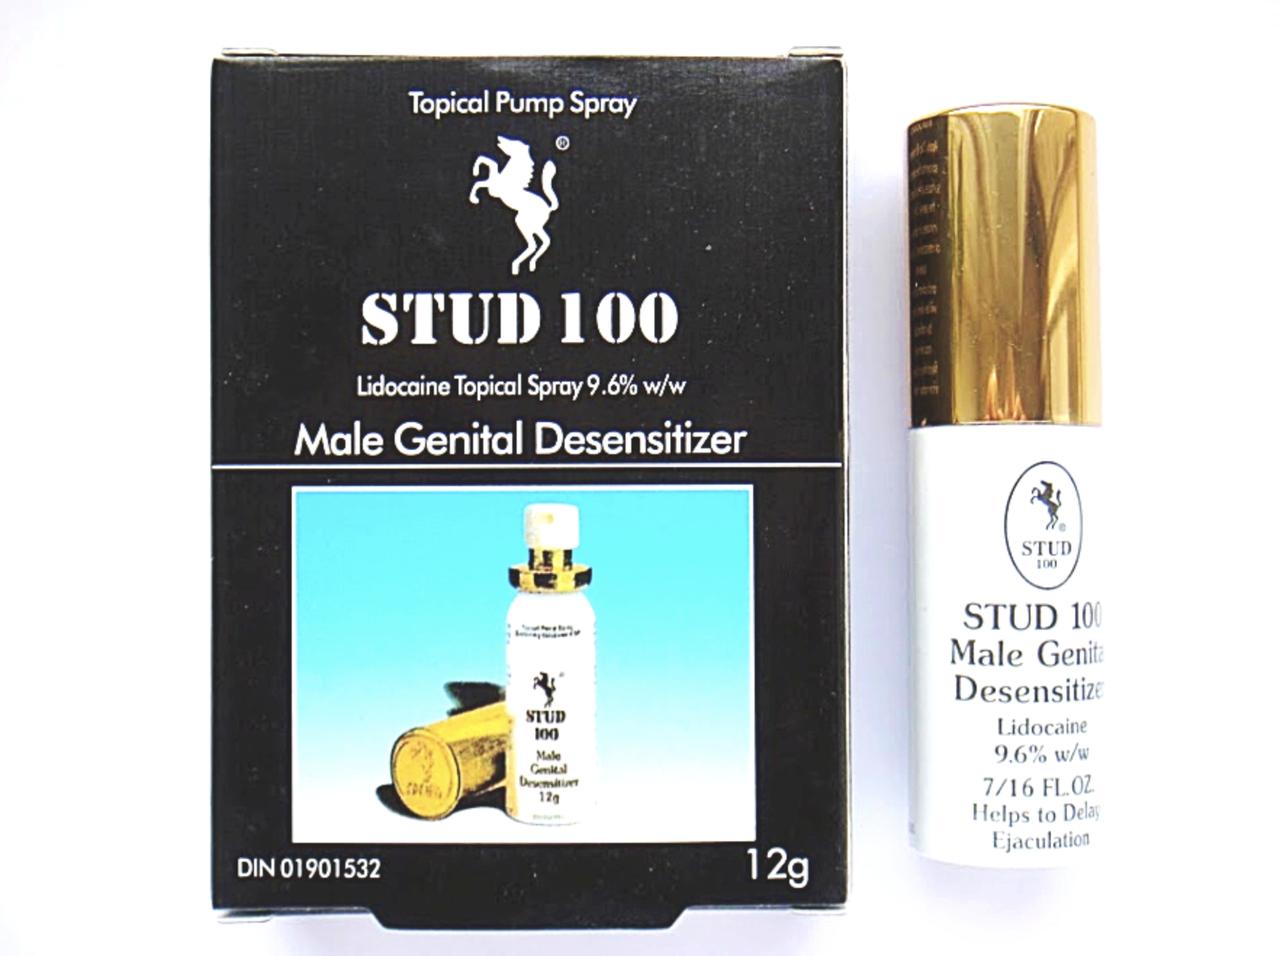 Спрей пролонгатор Stud 100 (Студ 100) 12г для продления полового акта (Великобритания, Оригинал)